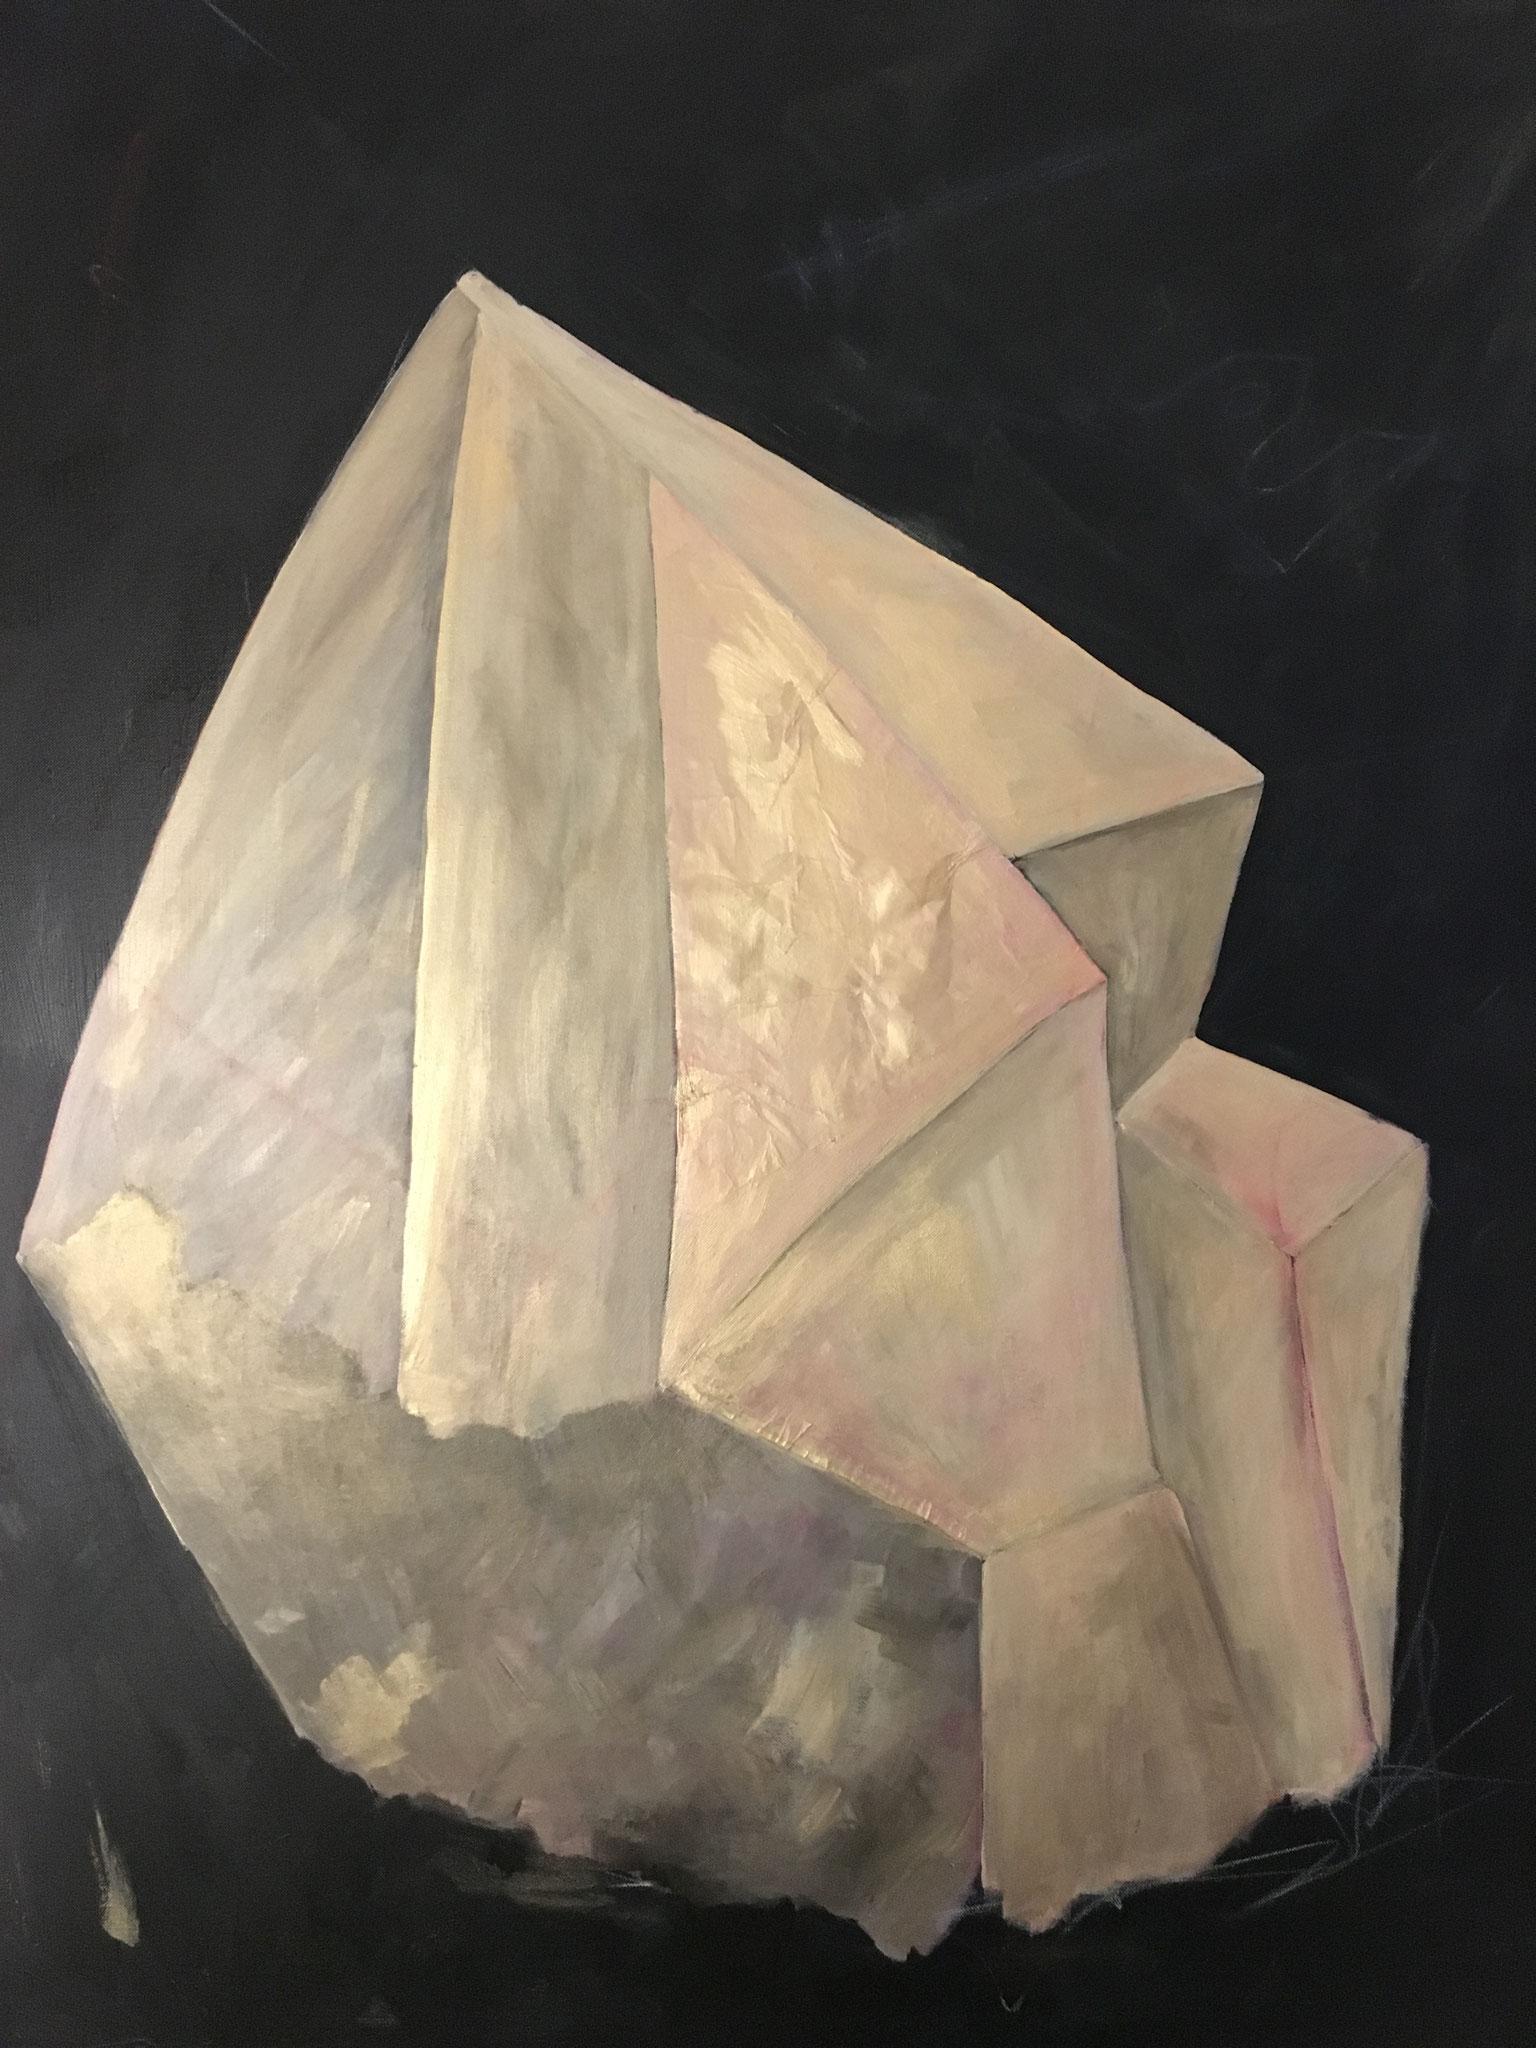 Bergkristall, 2017